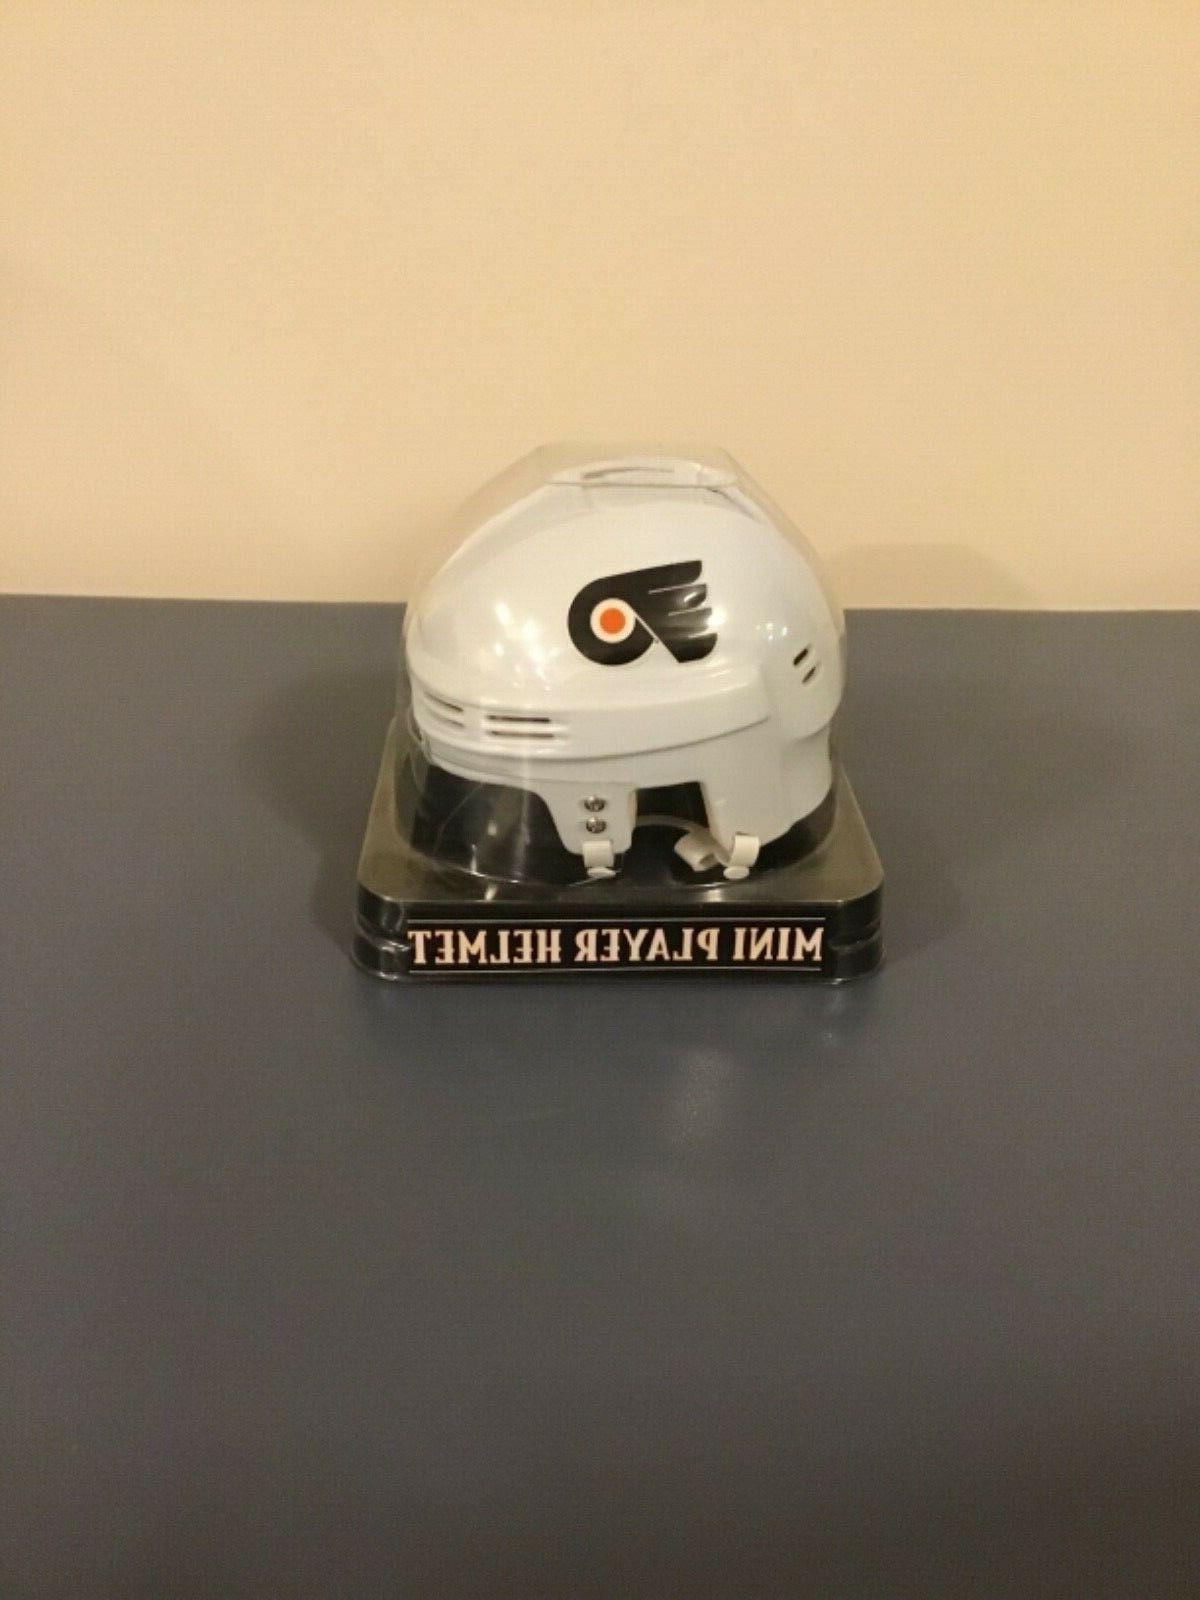 philadelphia flyers team nhl mini player helmet